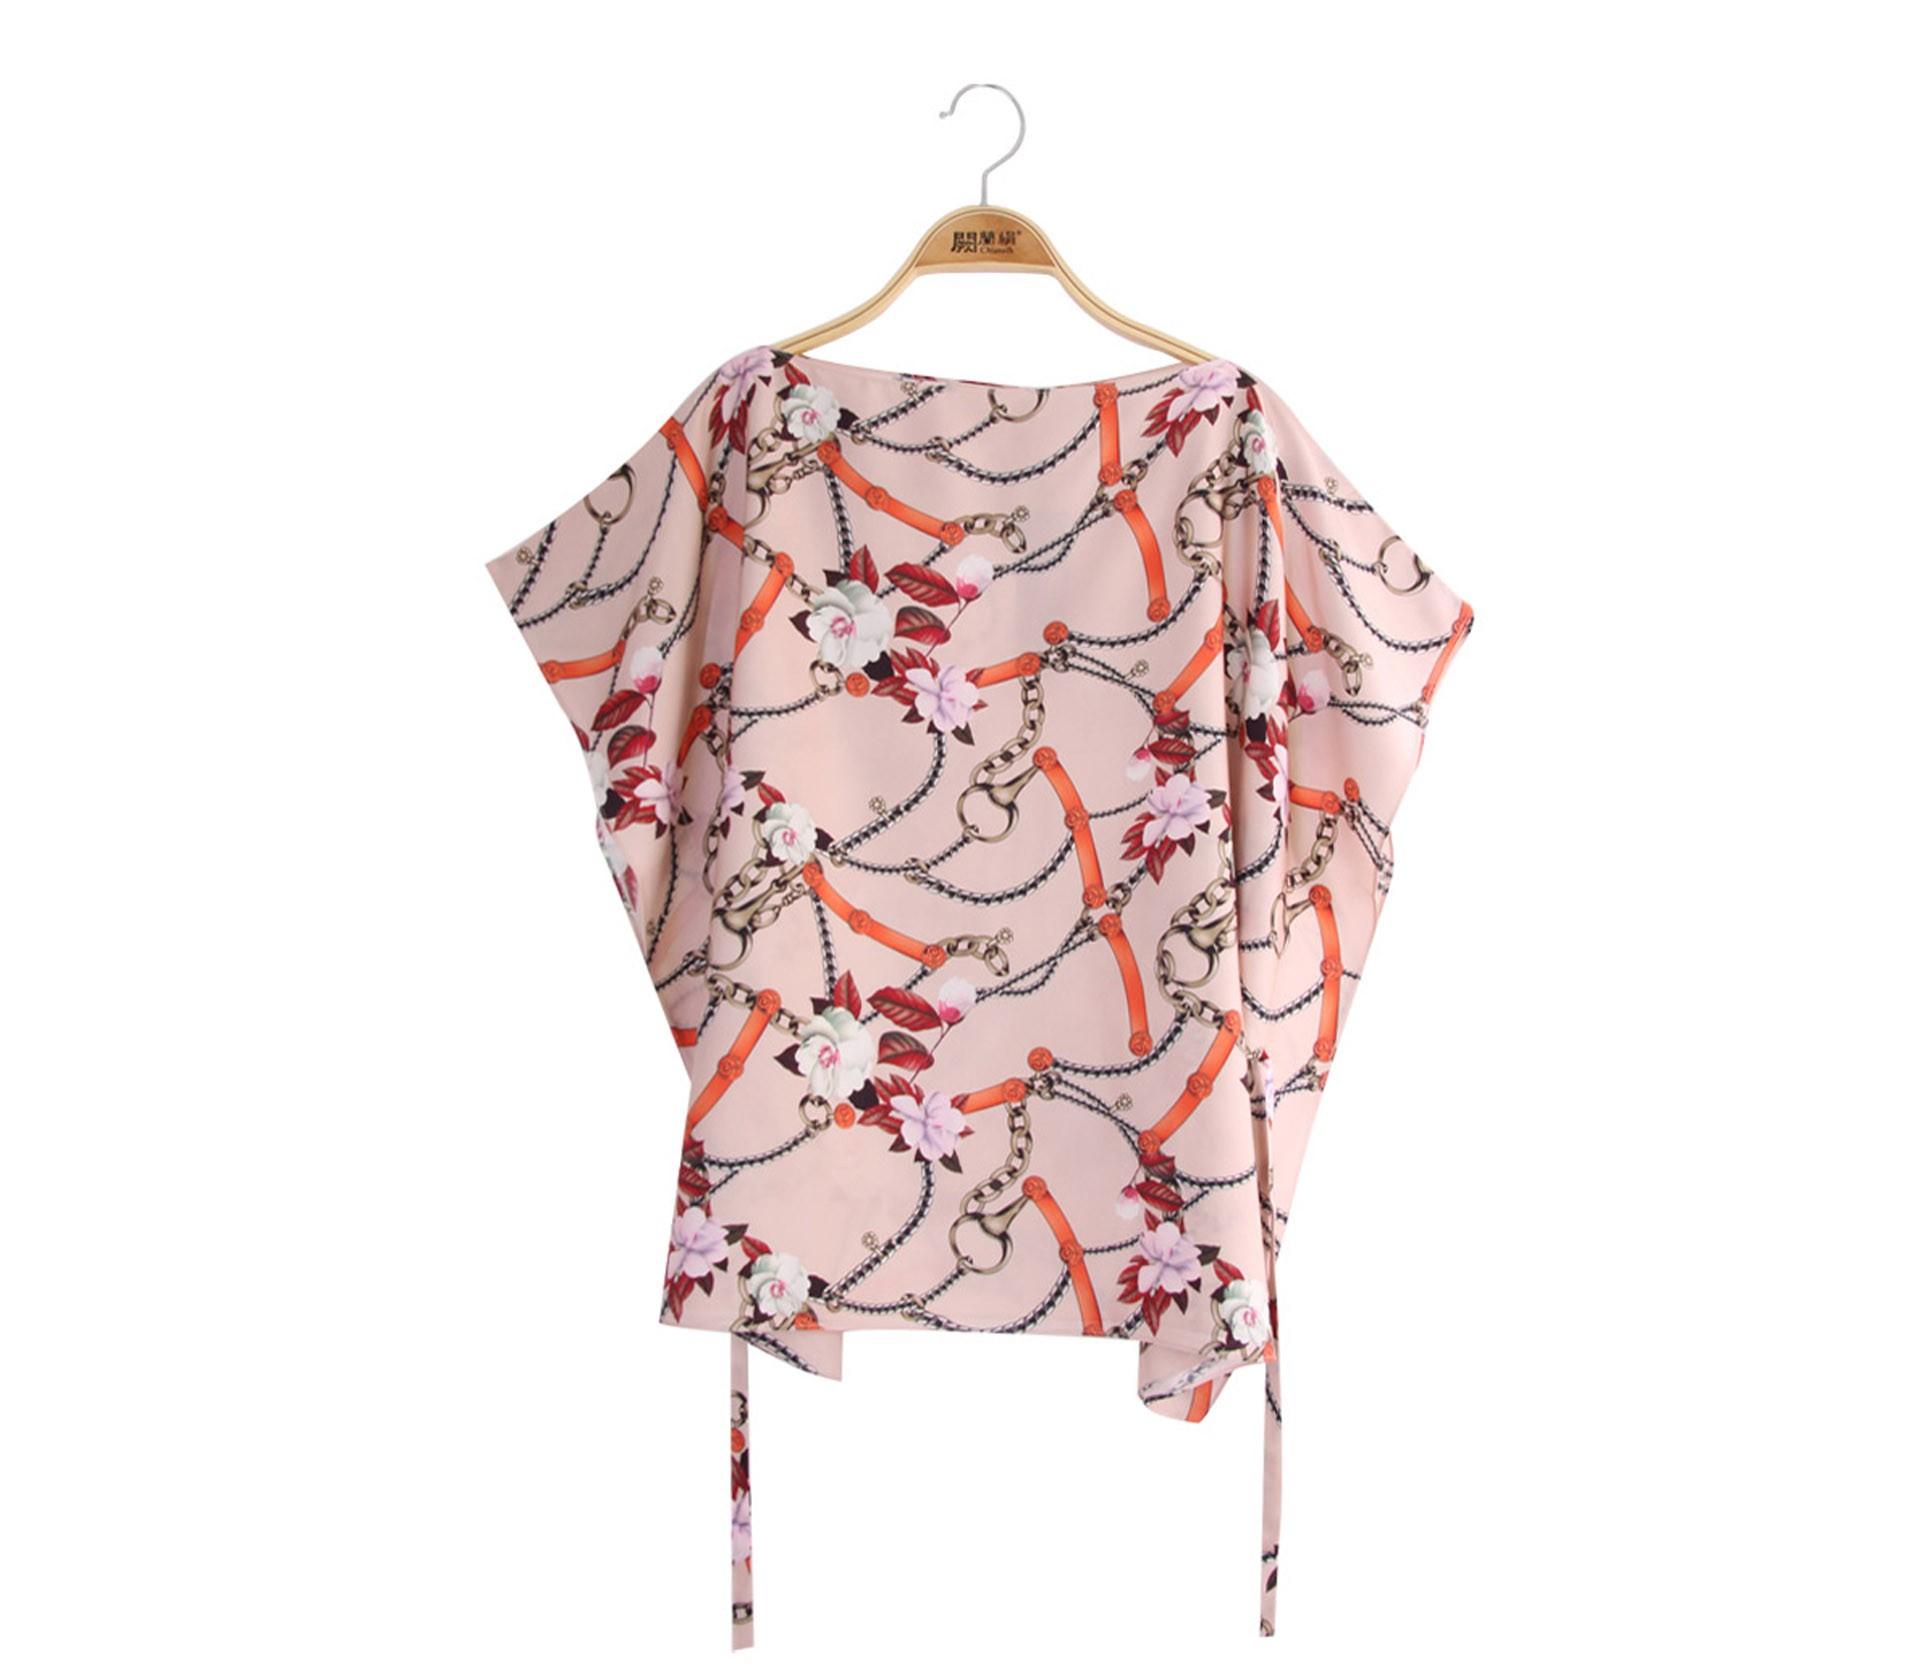 闕蘭絹典雅鎖鏈蠶絲緞面綁帶上衣 - 橘色 - 6625